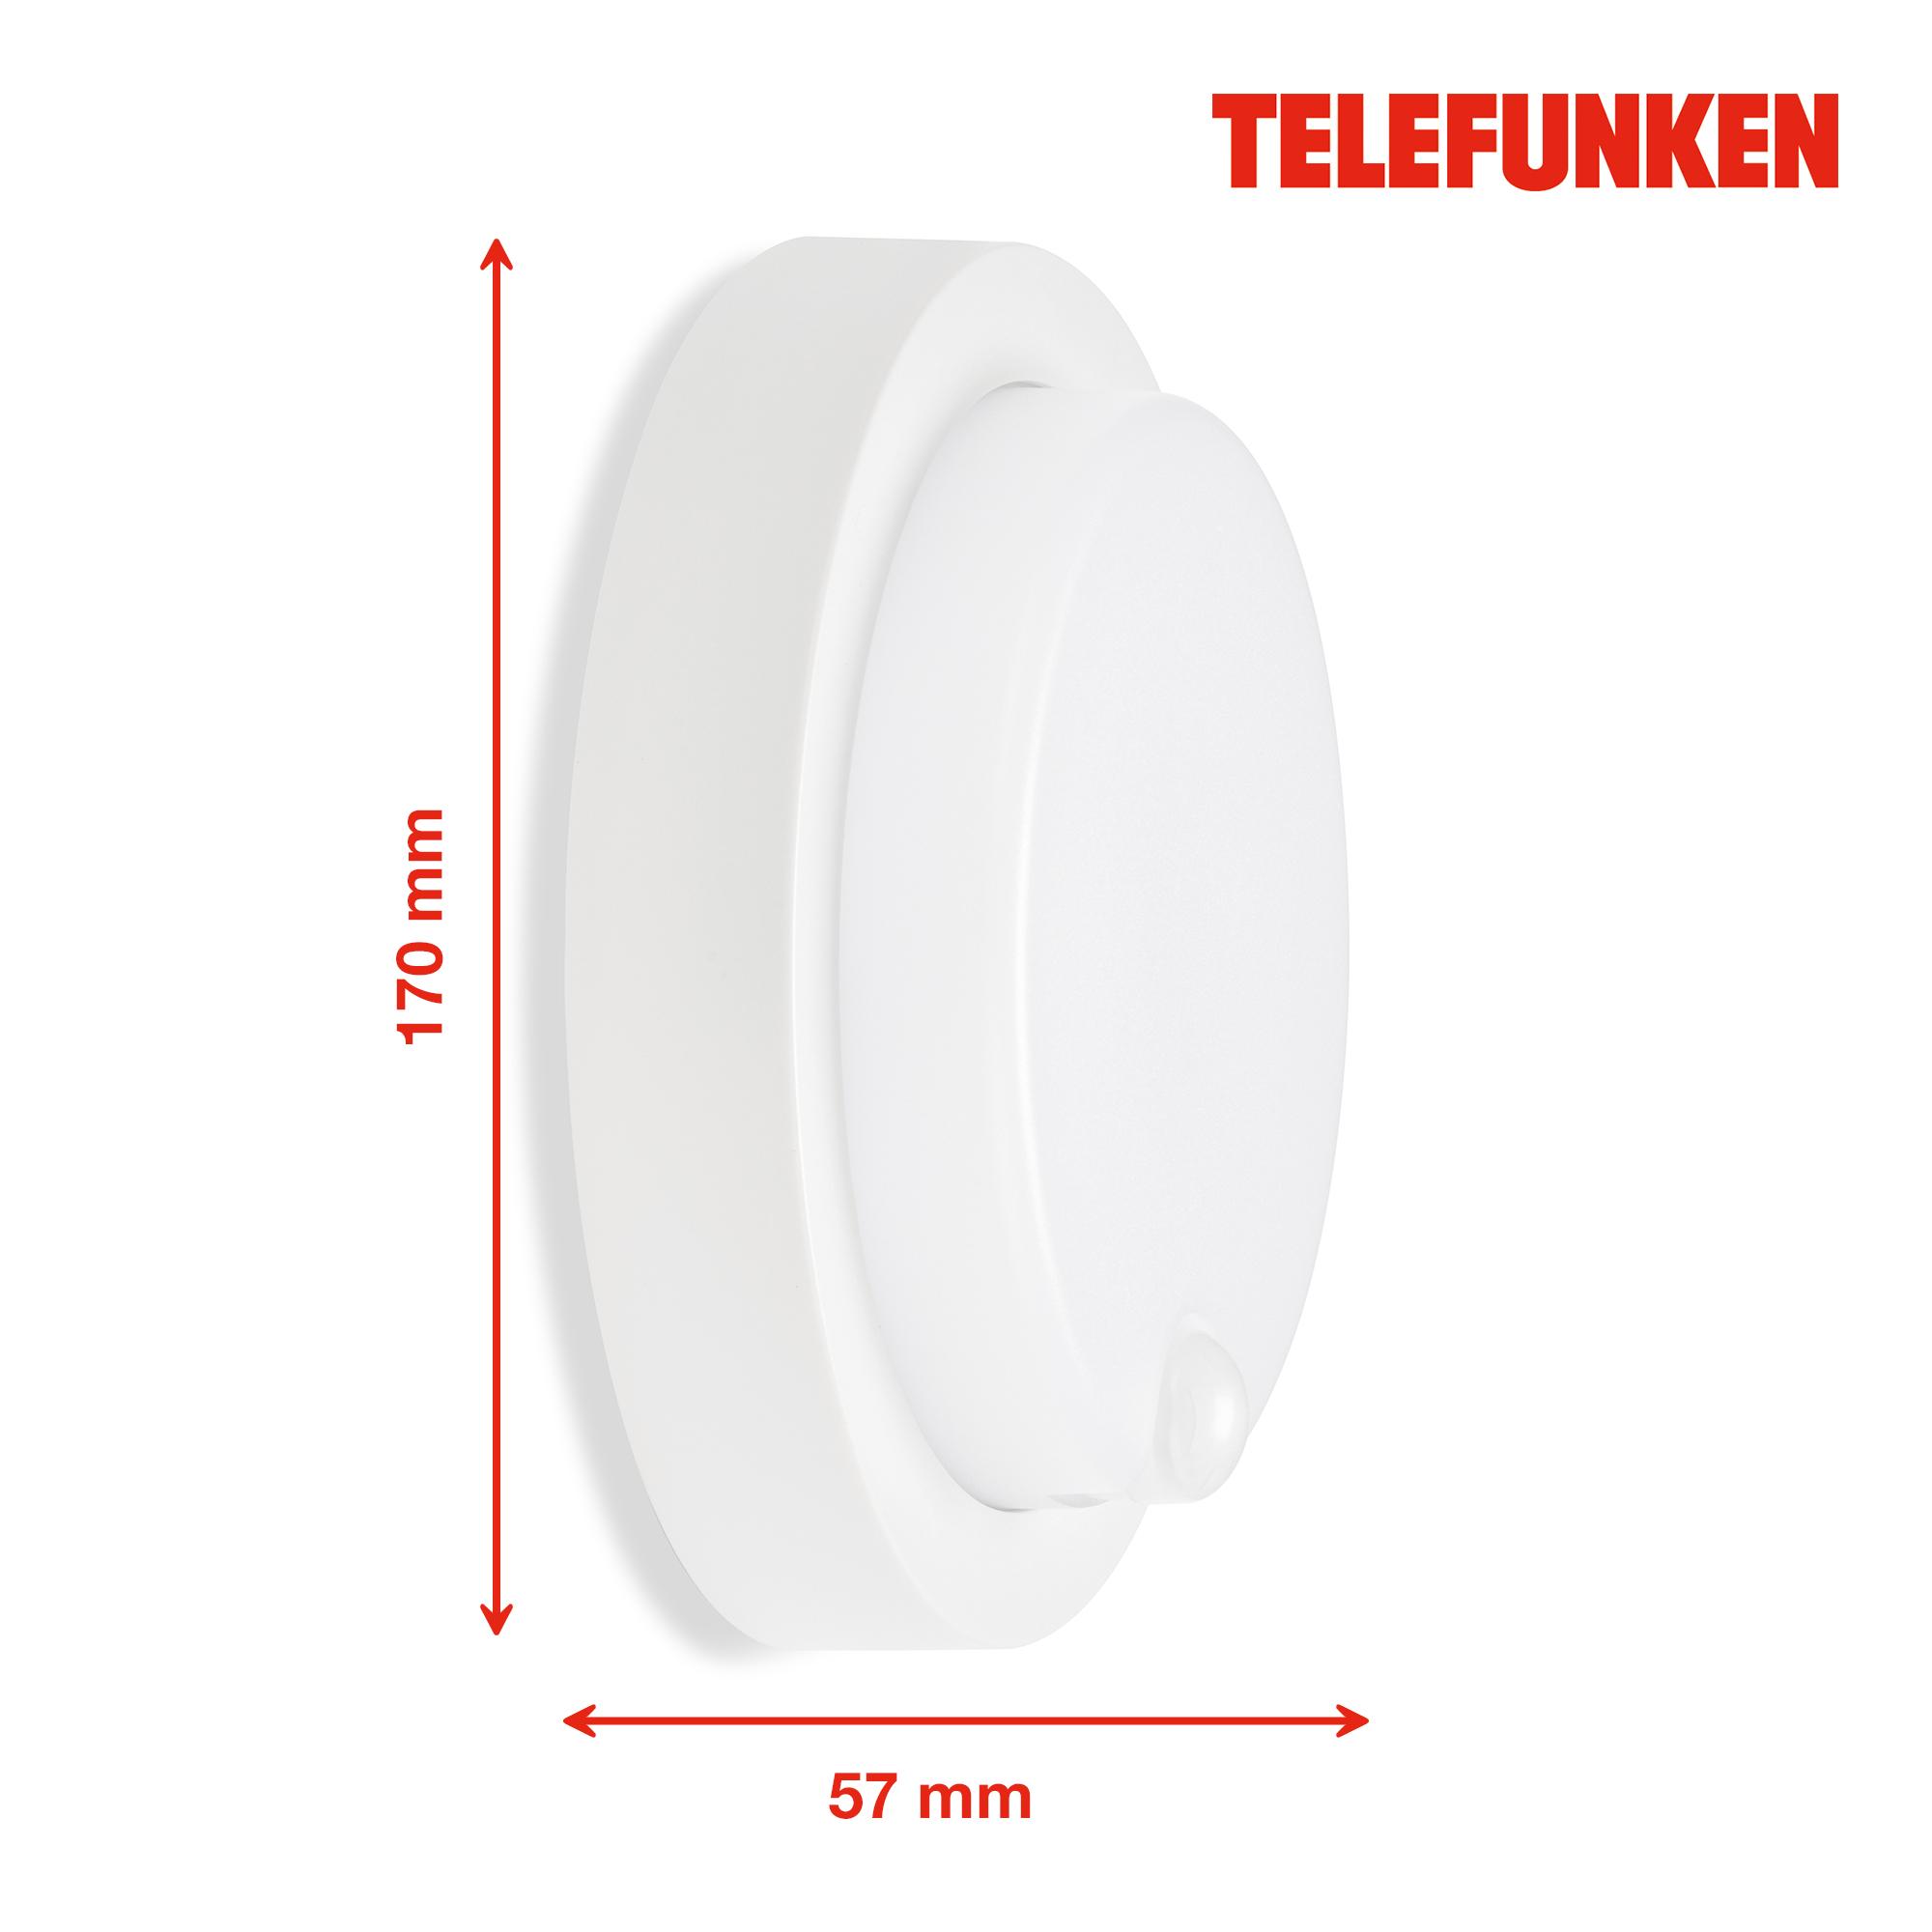 TELEFUNKEN LED Sensor Außenwandleuchte Weiß